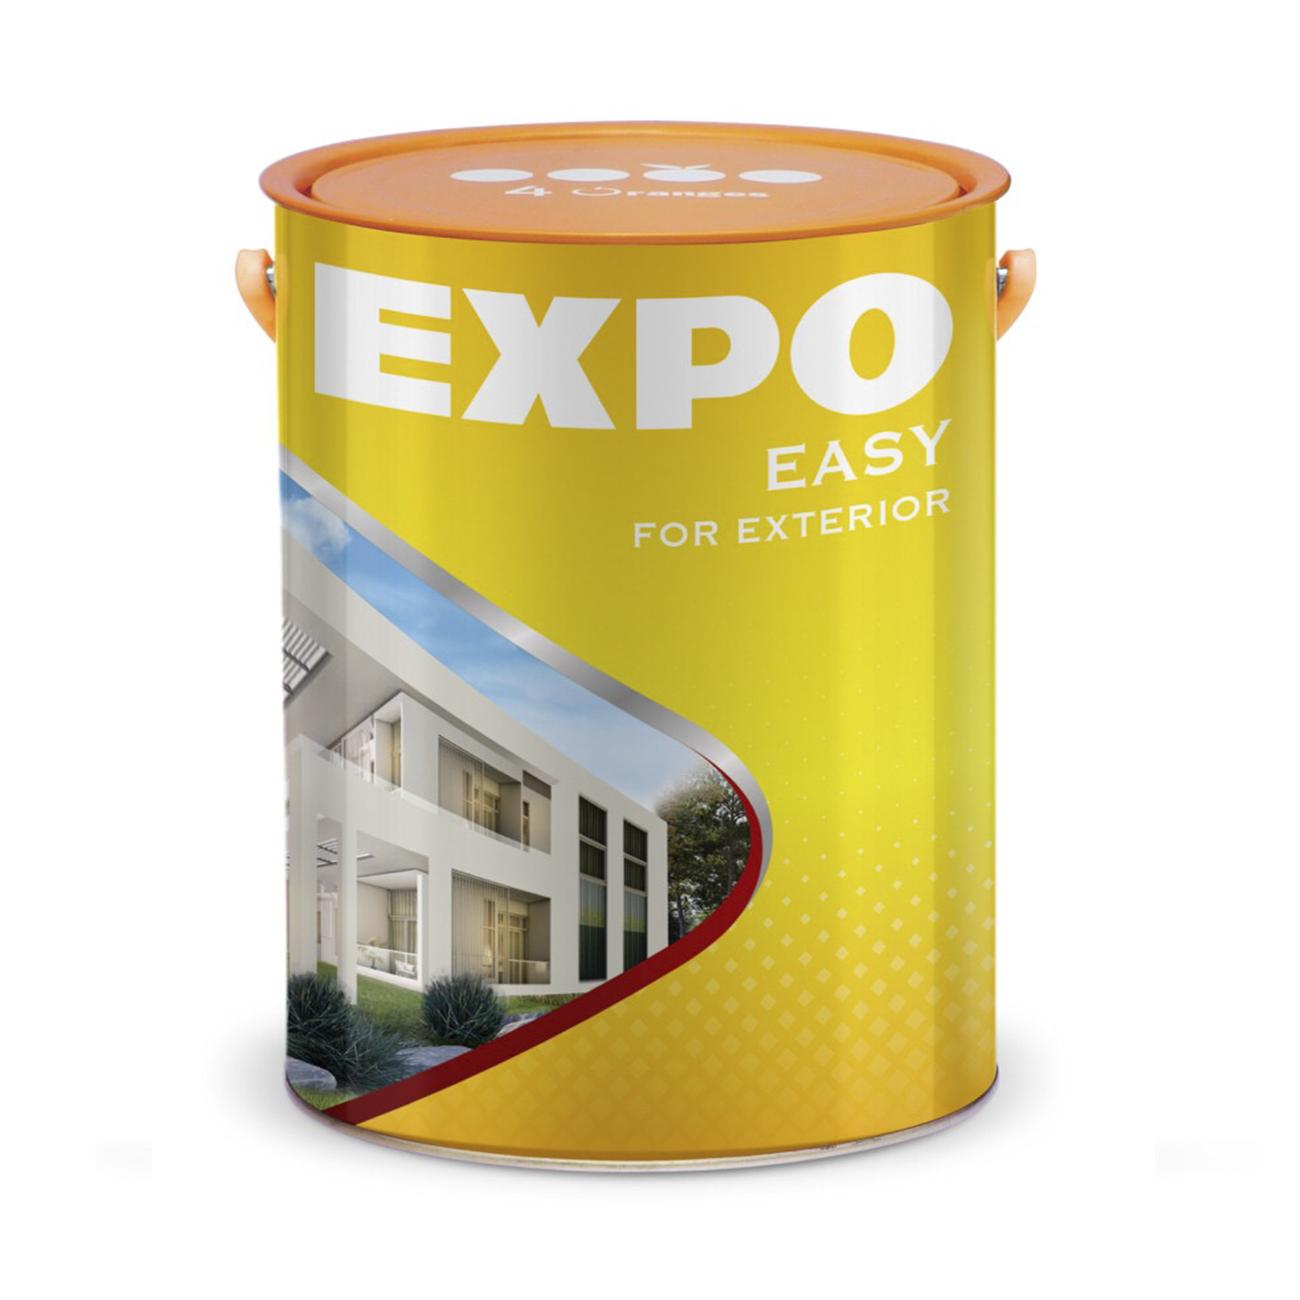 SƠN NƯỚC NGOẠI THẤT - EXPO EASY FOR EXT